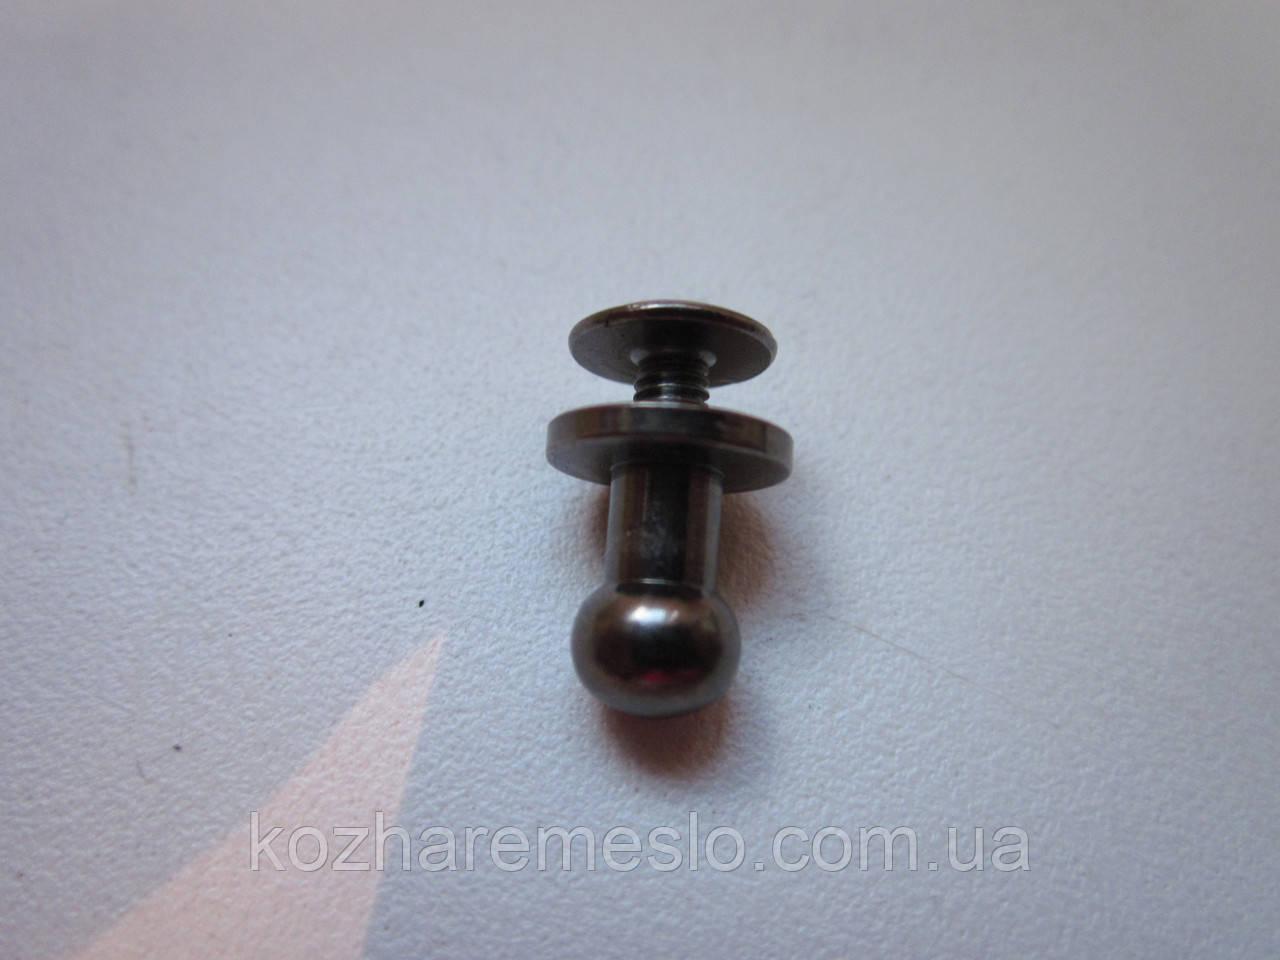 Винт кобурной 6 х 10 мм тёмный никель